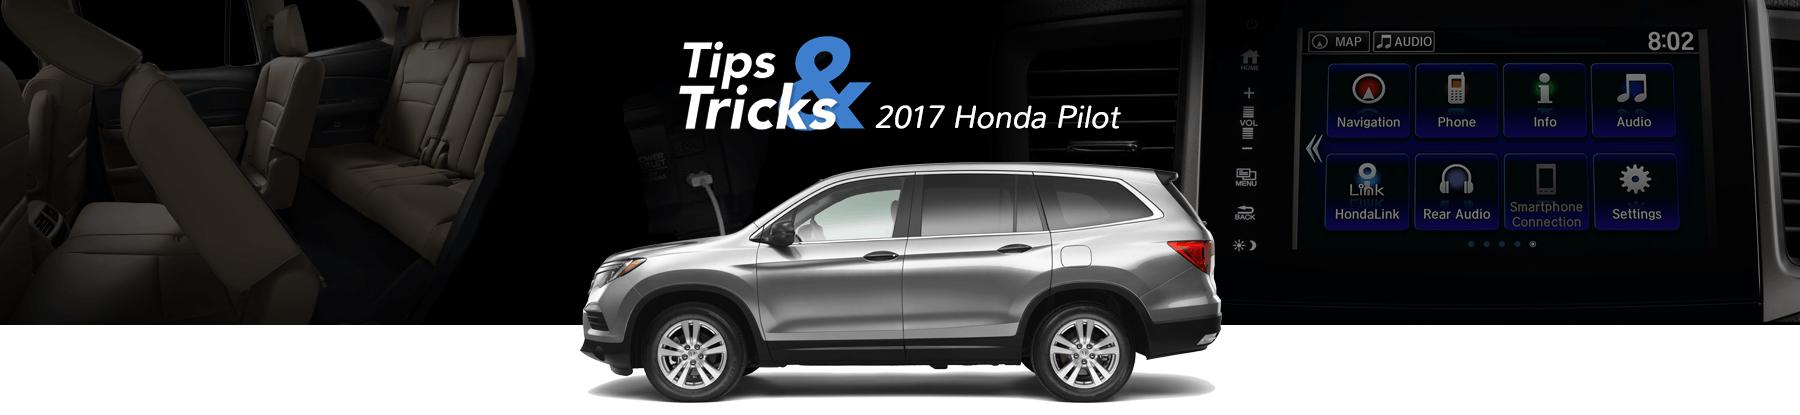 2017 Honda Pilot Tips & Tricks Banner